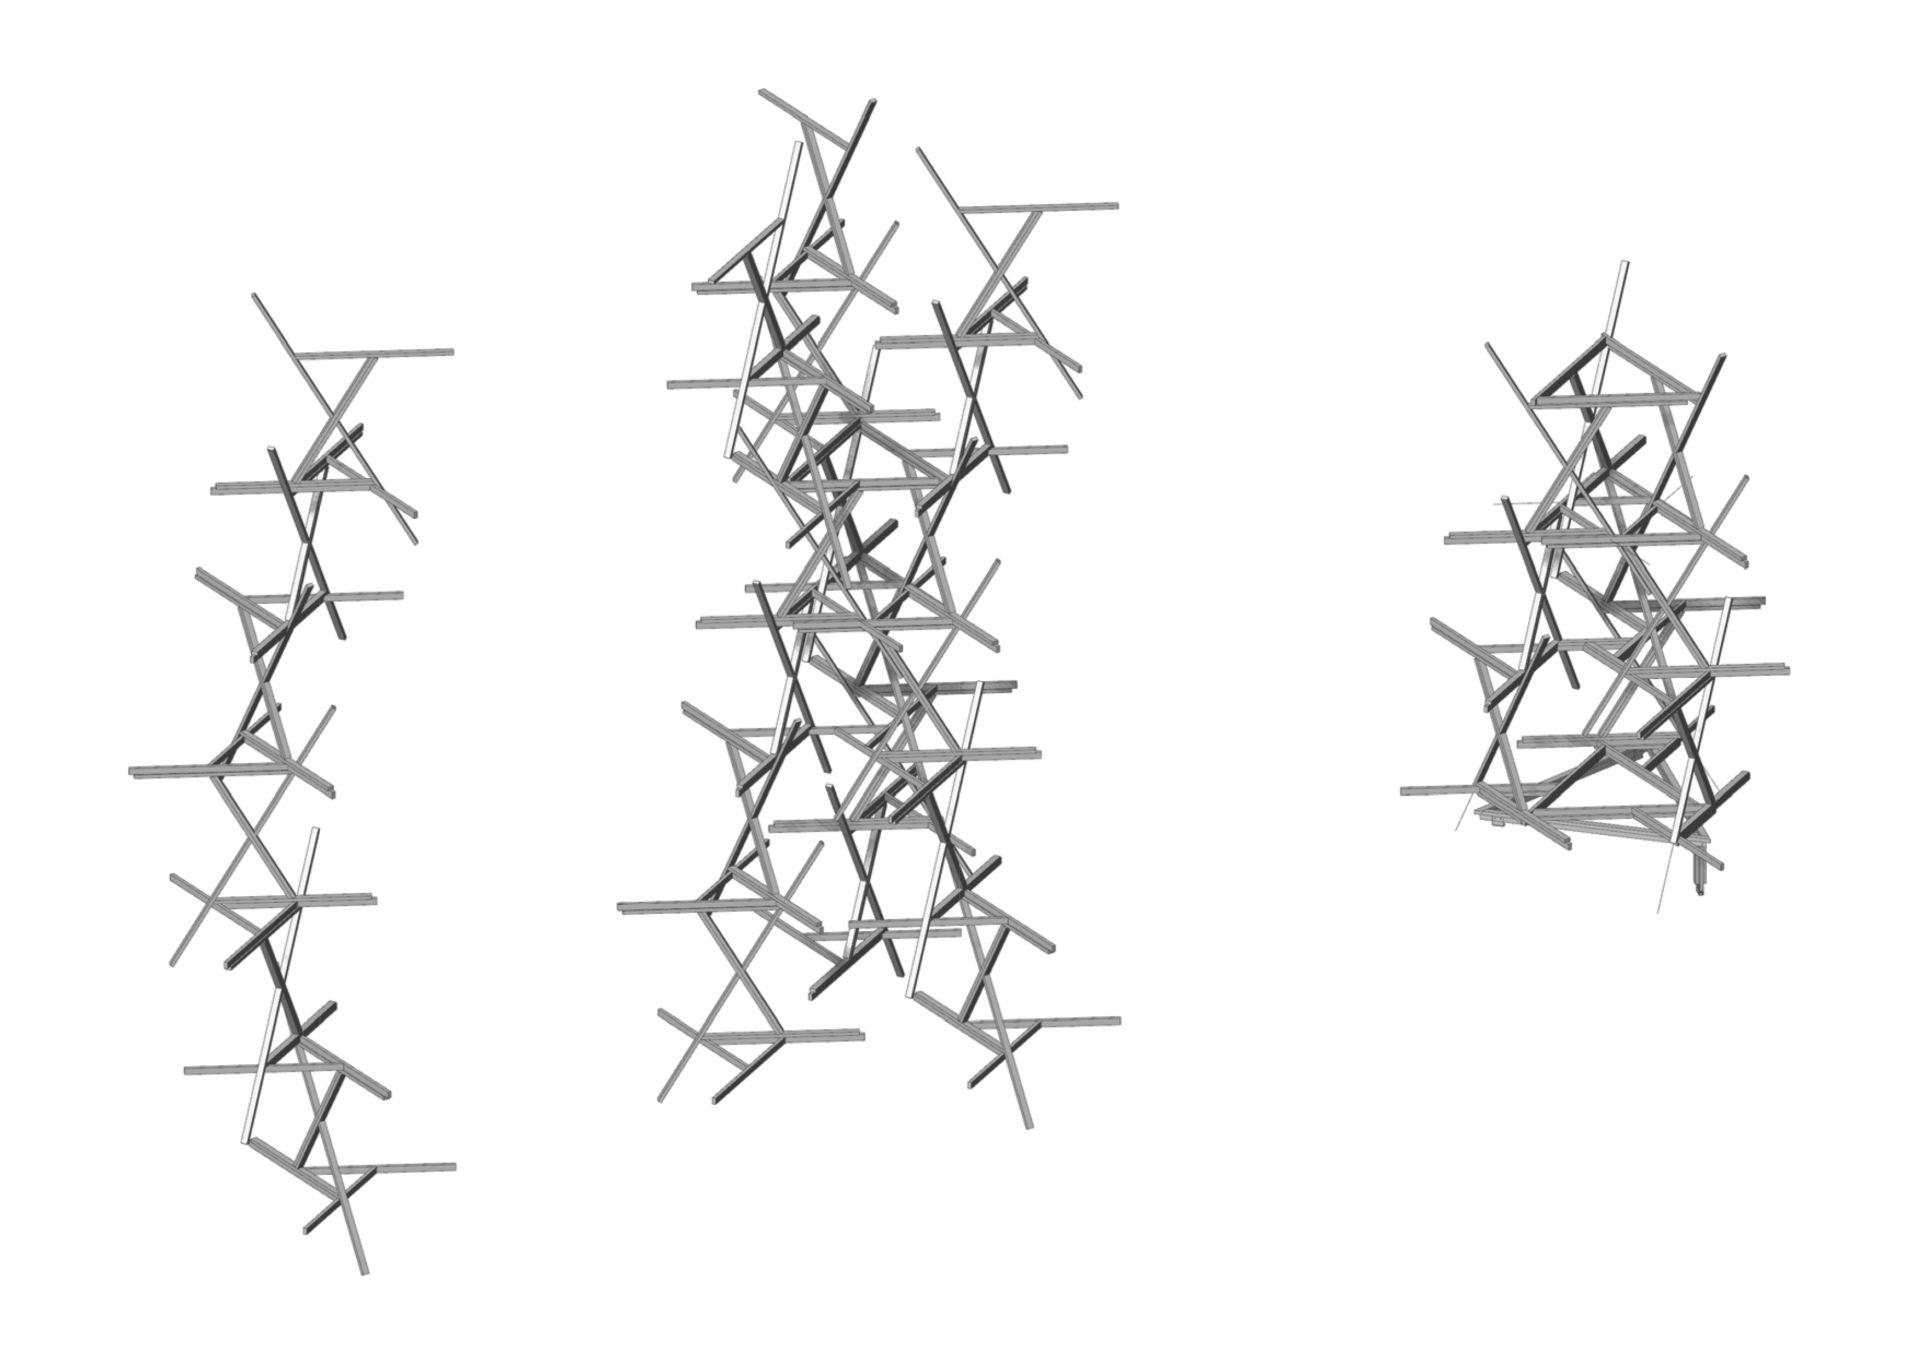 Structure.3dm